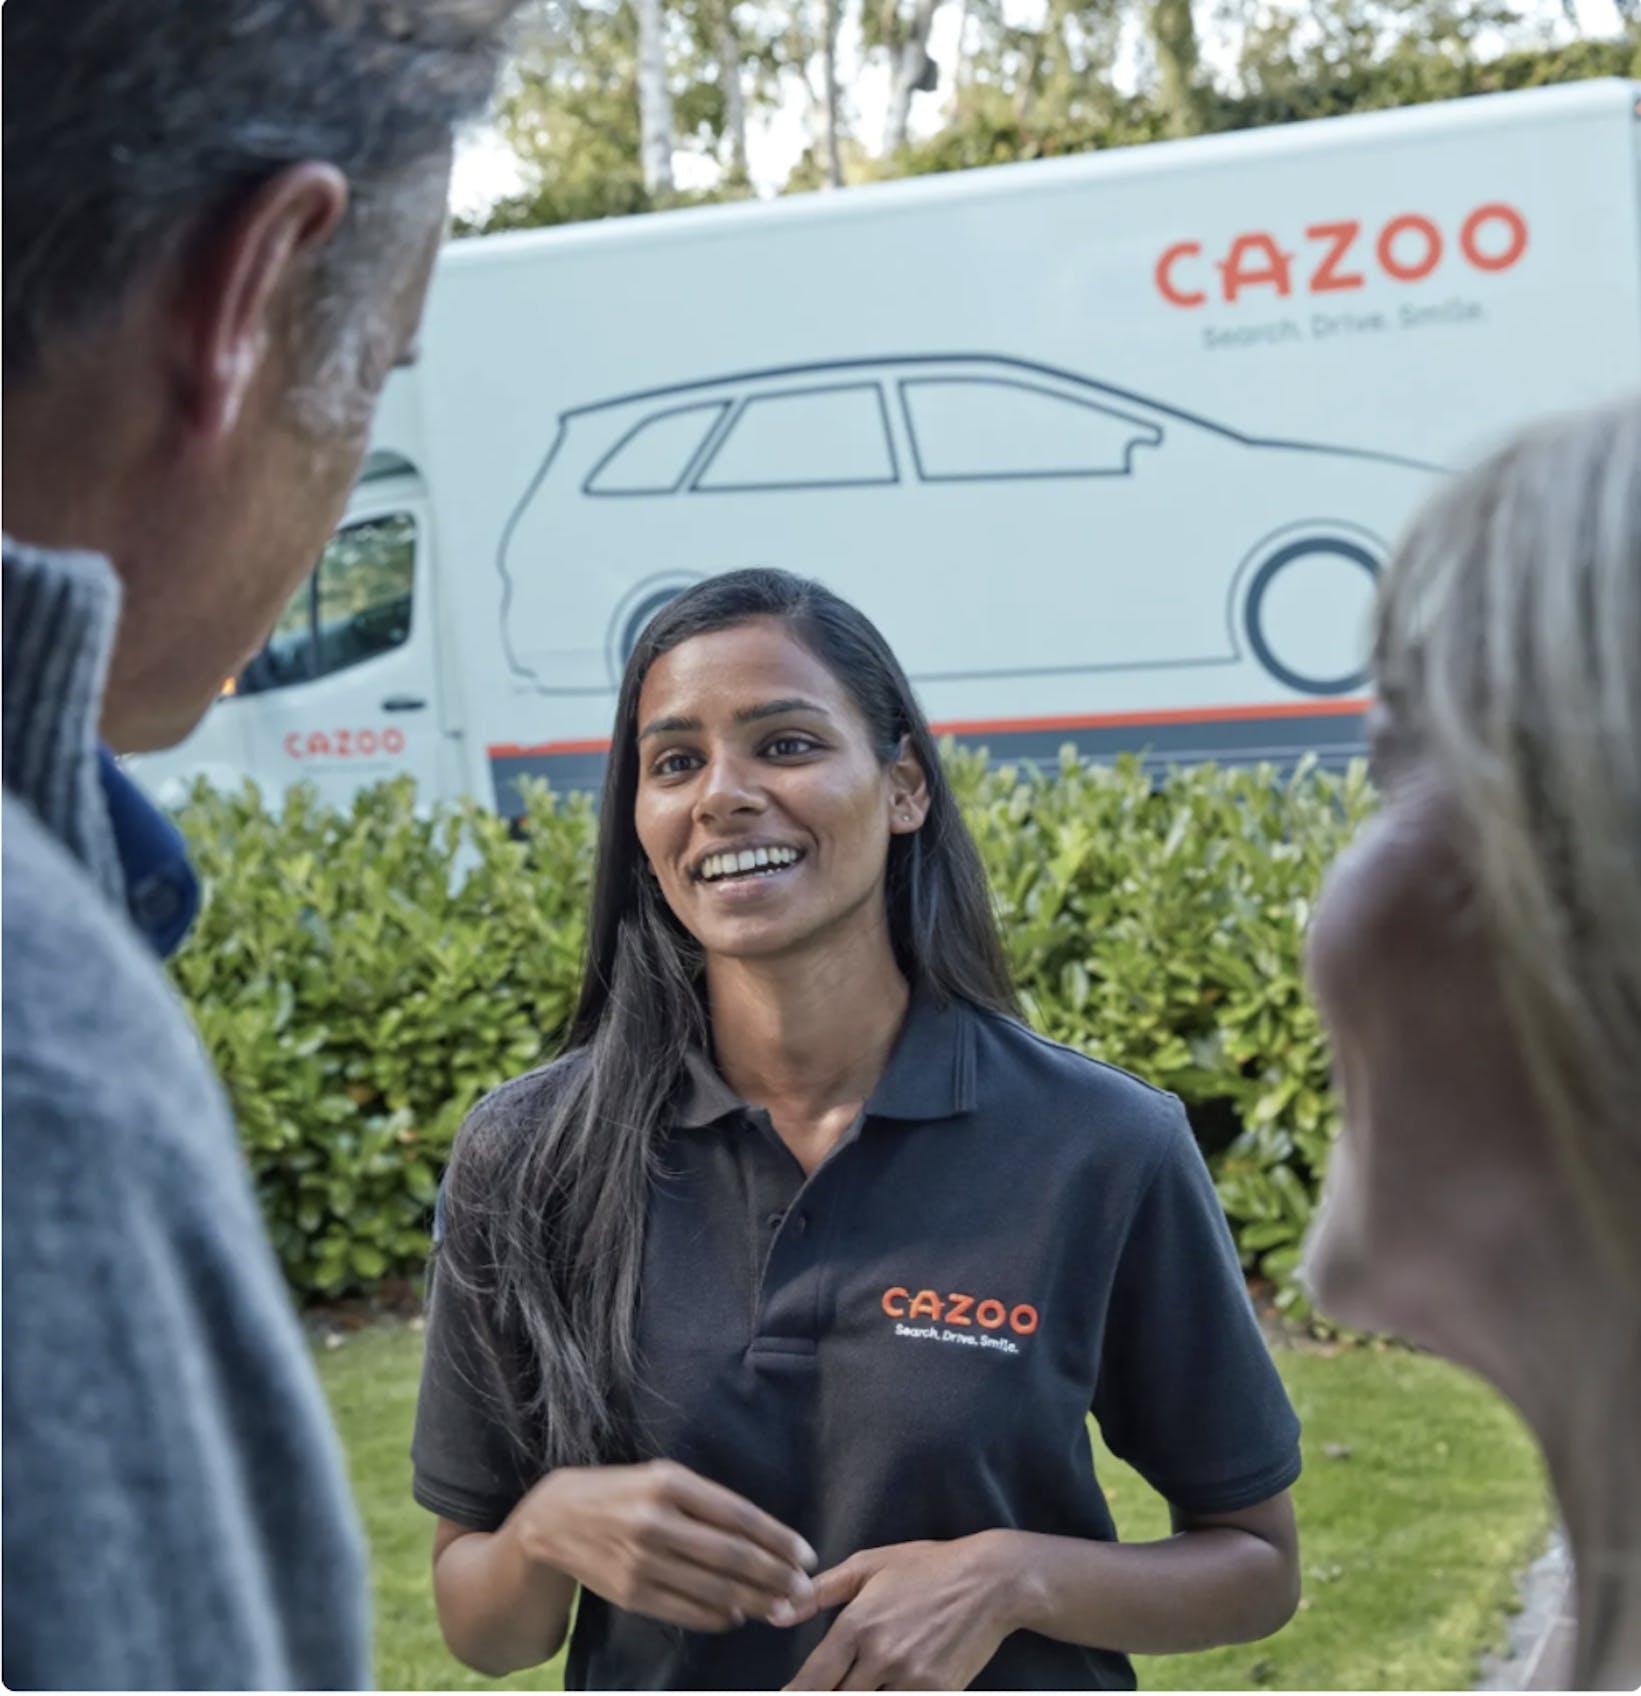 Cazoo handover specialist